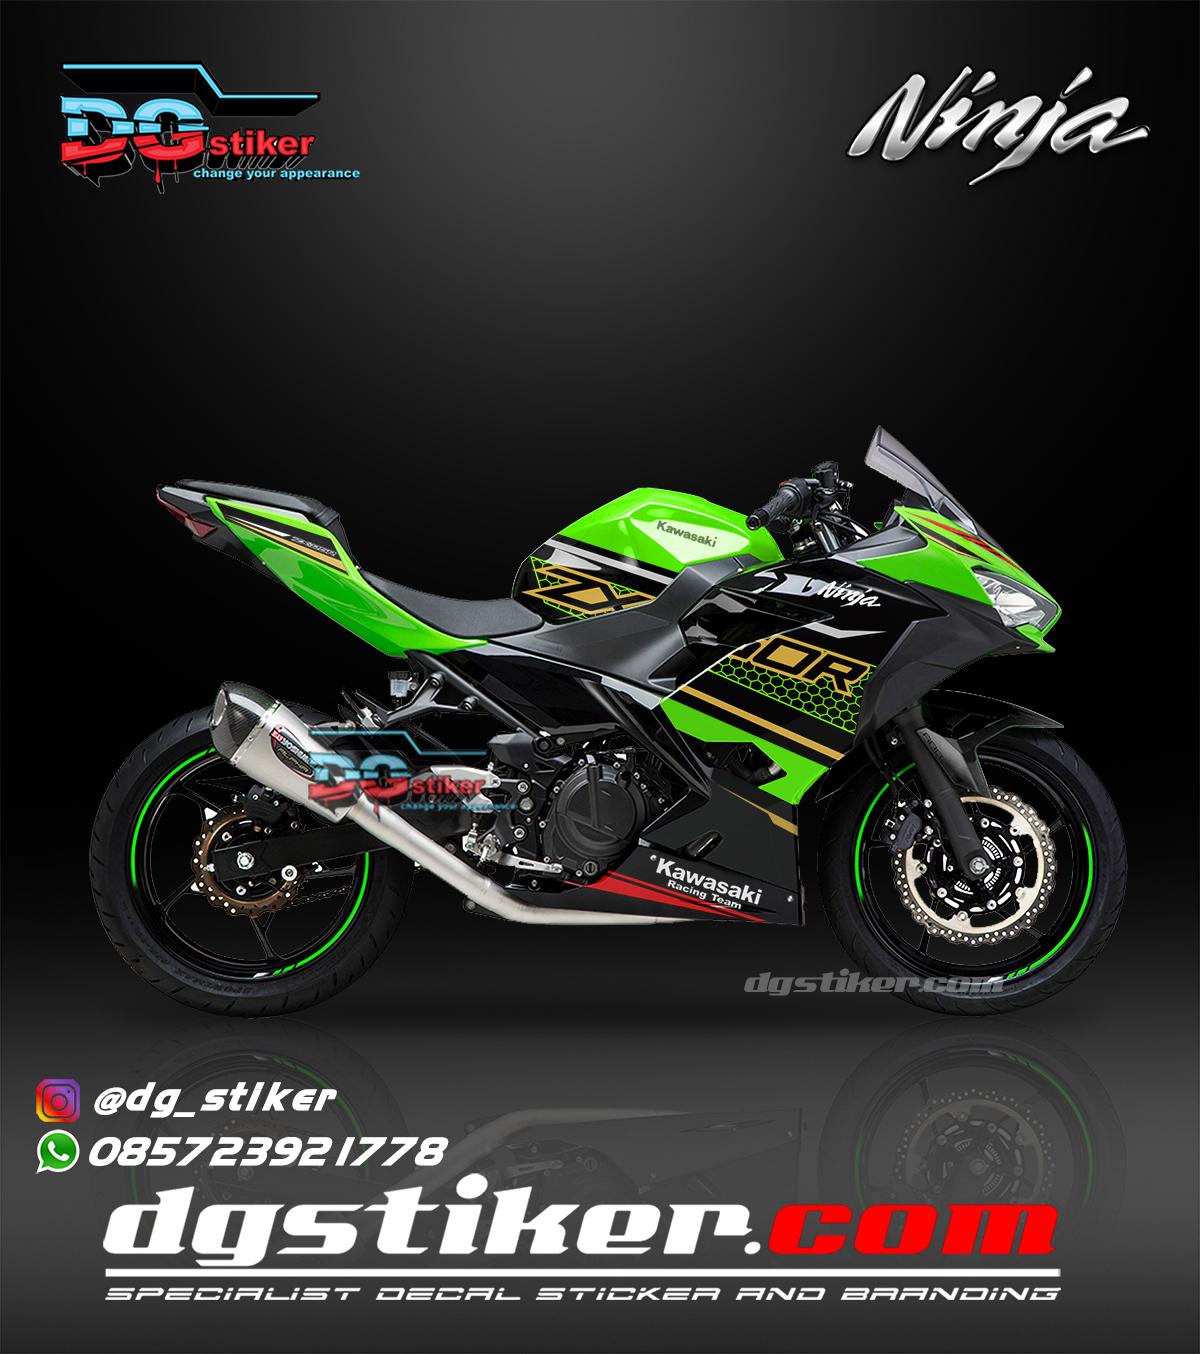 Decal Sticker New Ninja 250 FI KRT 2020 DG Stiker